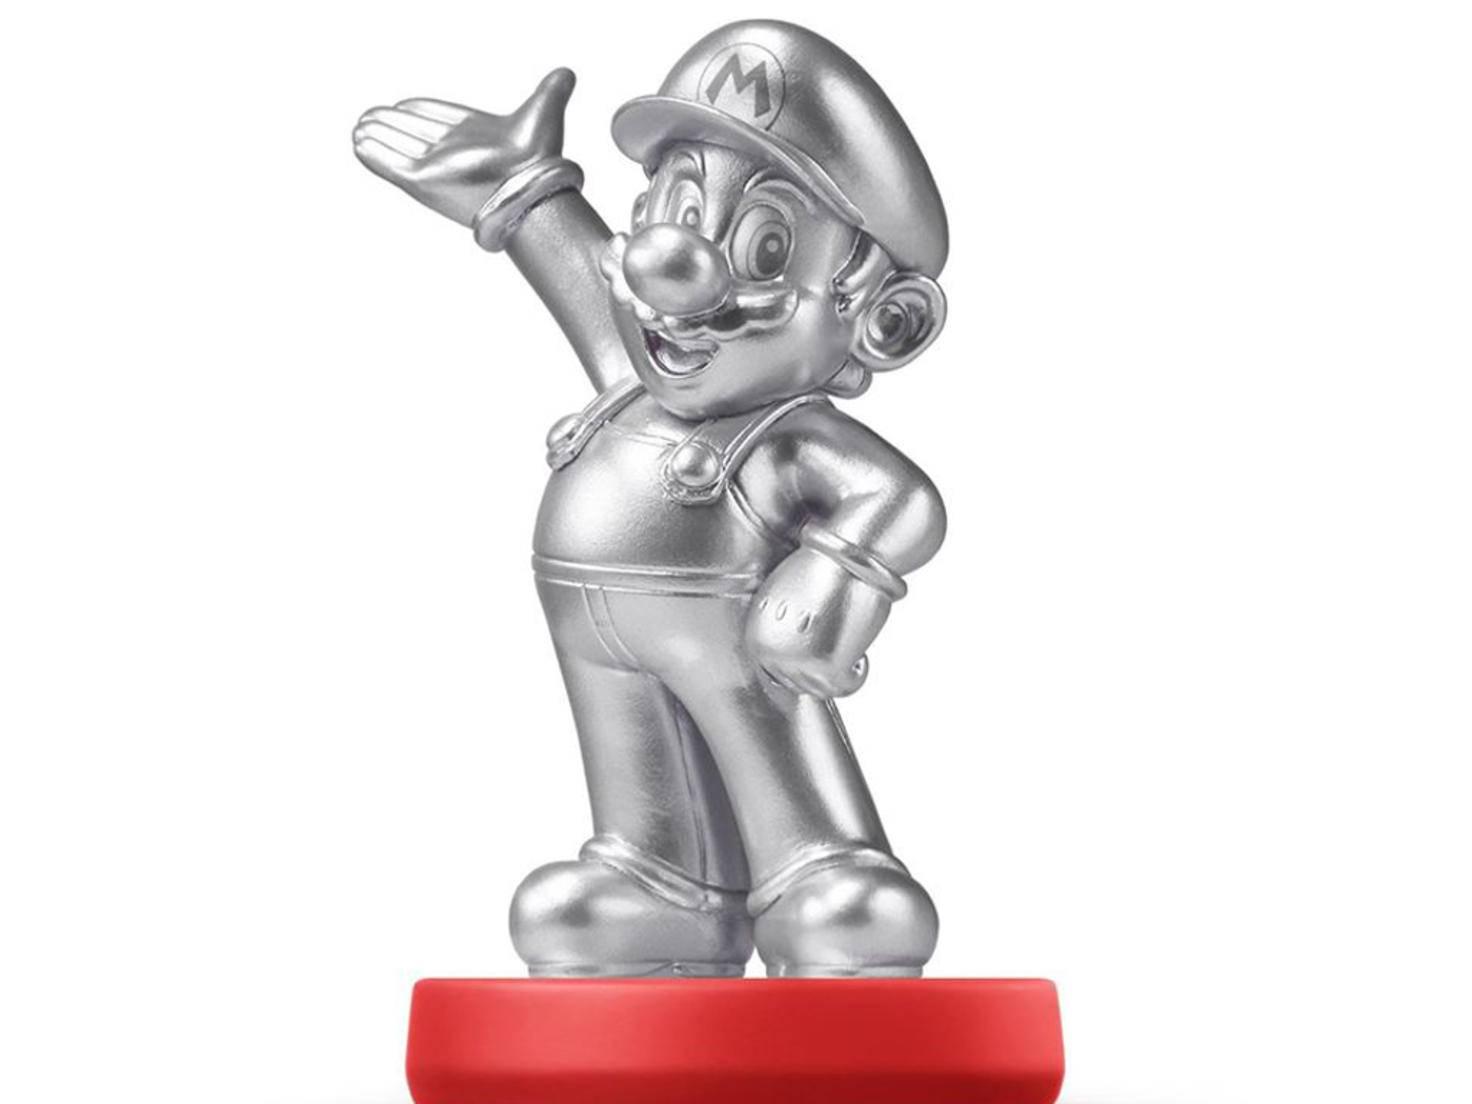 Amiibo_Silver_Mario